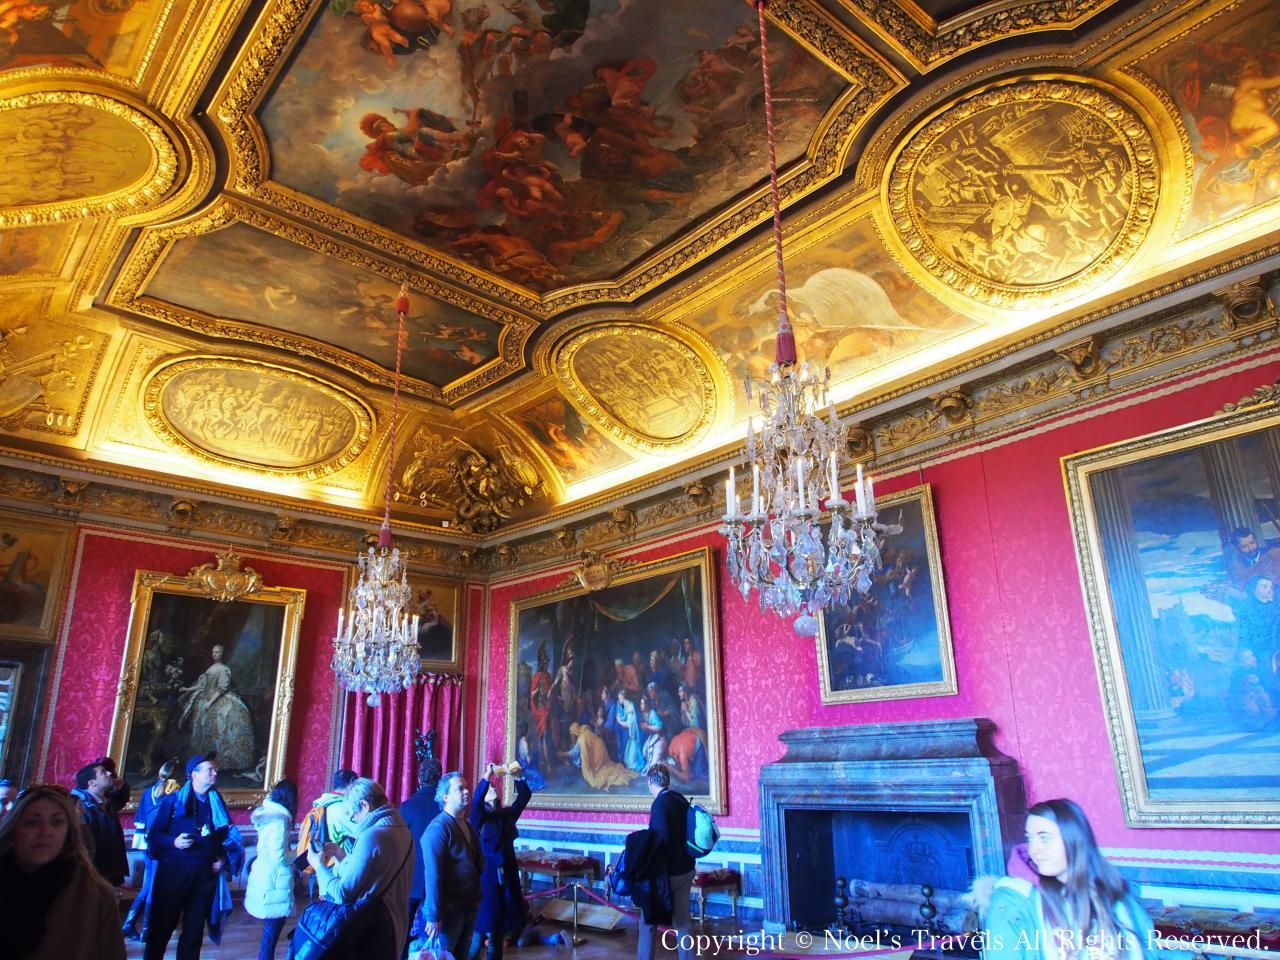 ヴェルサイユ宮殿のマルスの間